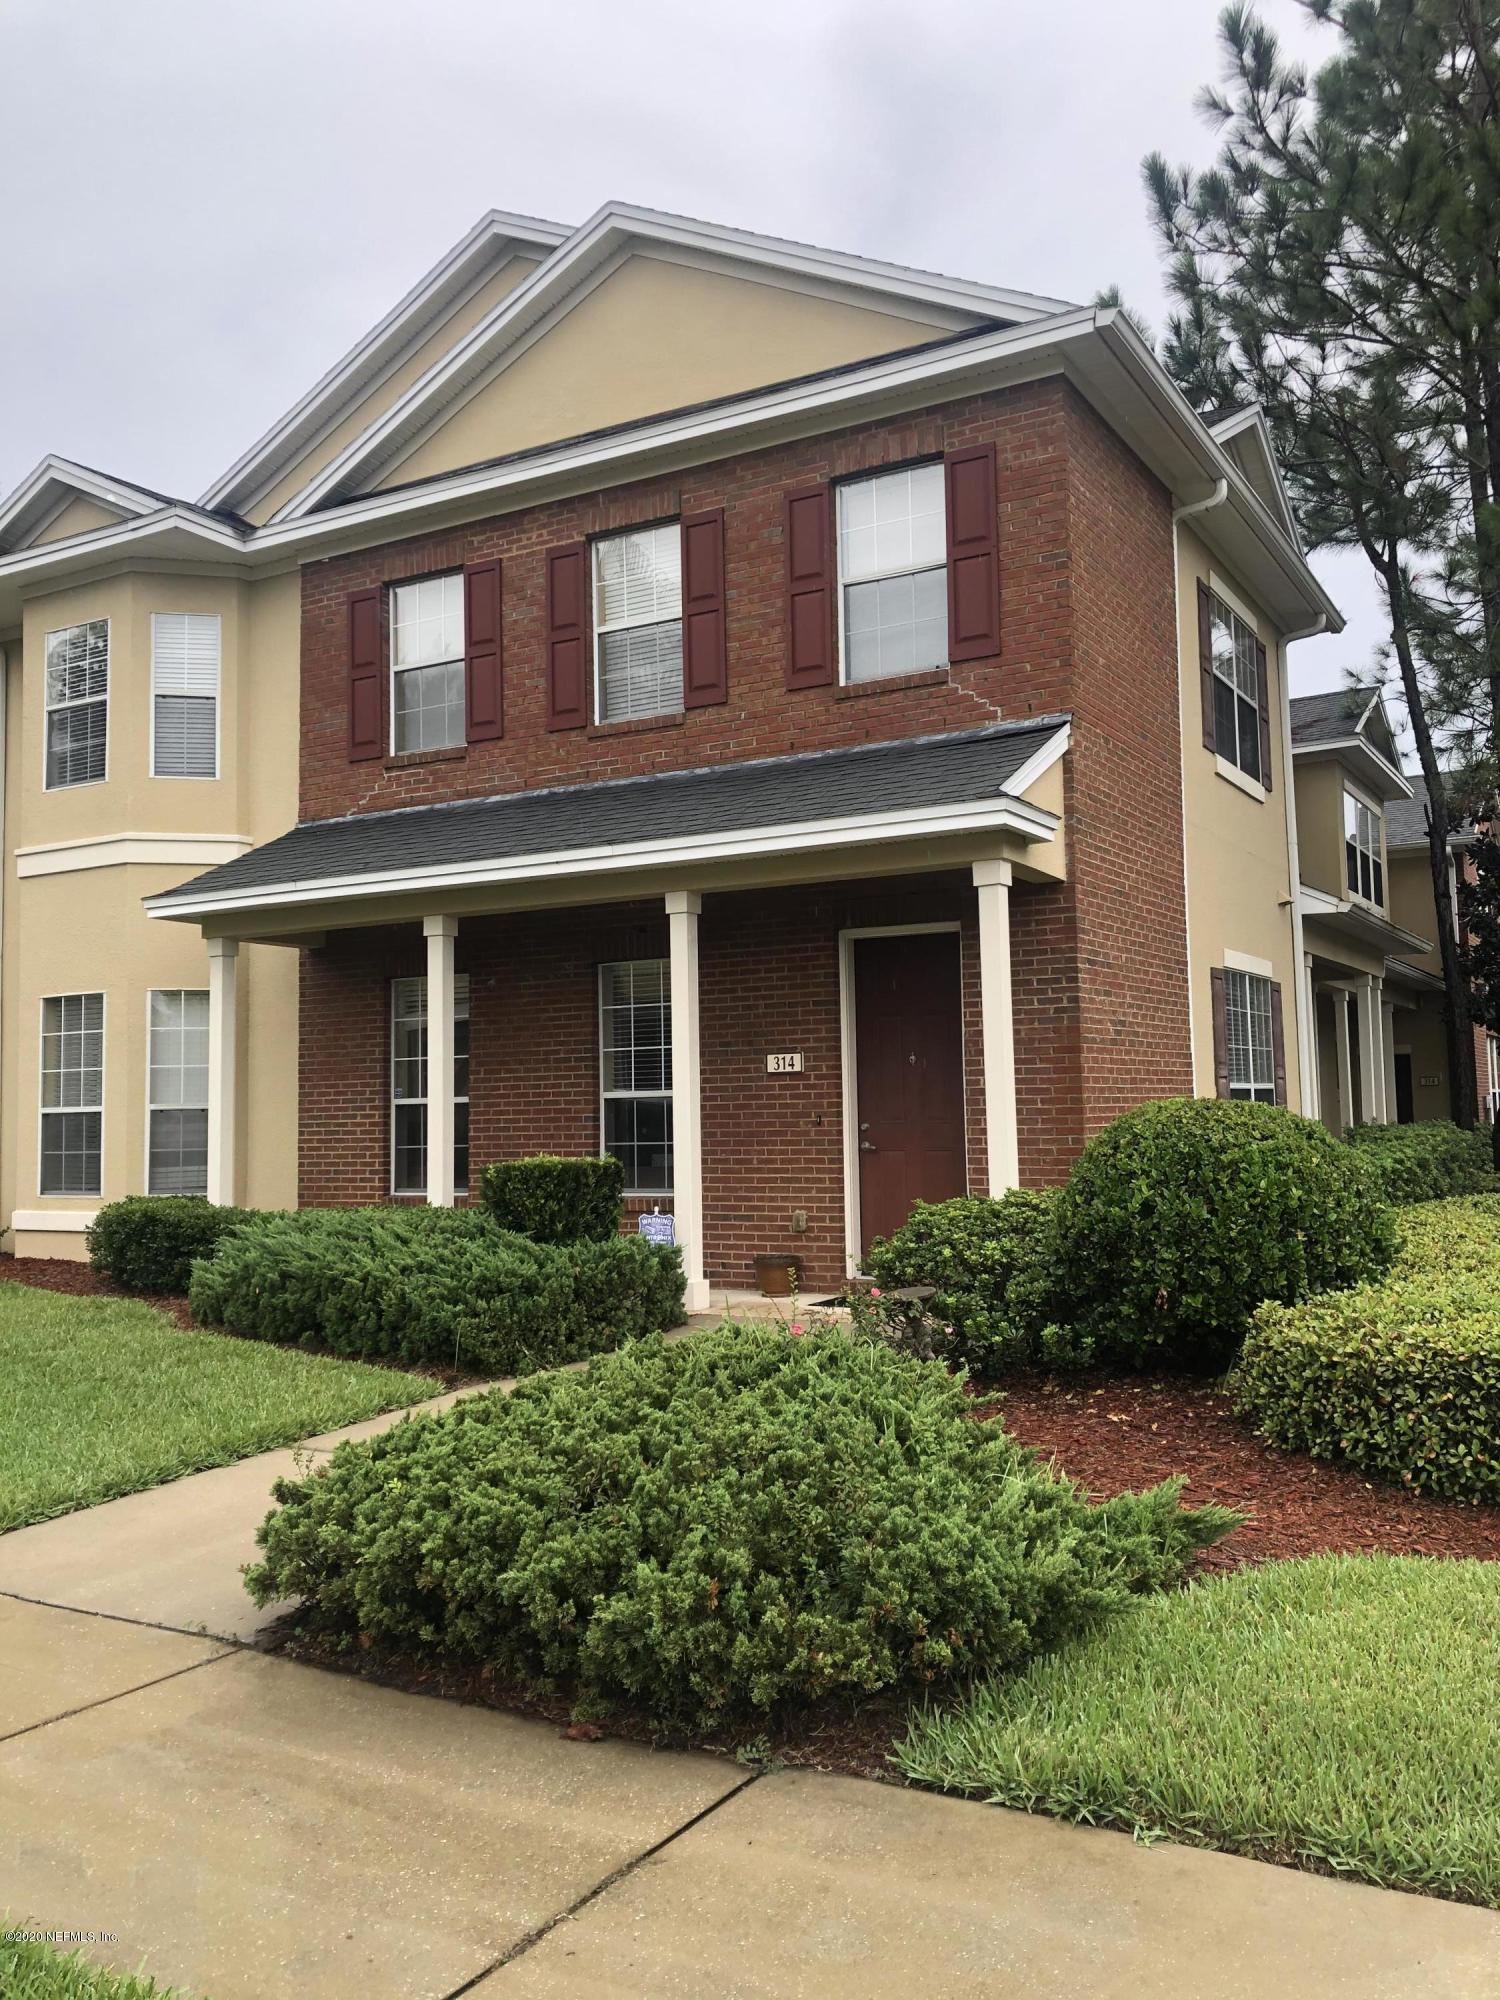 625 OAKLEAF PLANTATION, ORANGE PARK, FLORIDA 32065, 4 Bedrooms Bedrooms, ,3 BathroomsBathrooms,Residential,For sale,OAKLEAF PLANTATION,1076805